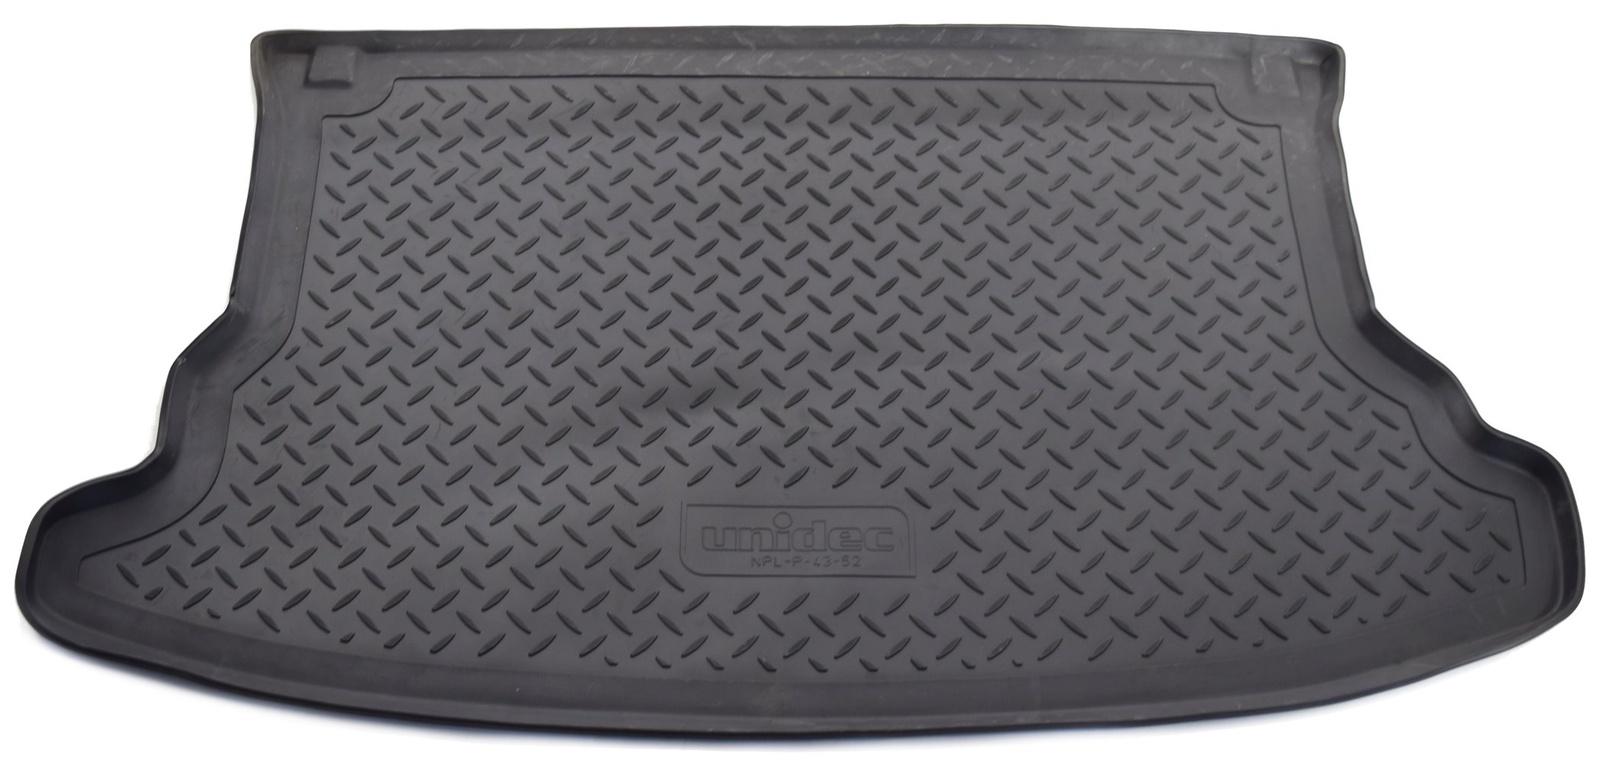 Коврик багажника Norplast для Kia Sportage JE 2004-2010, NPL-P-43-52, черный